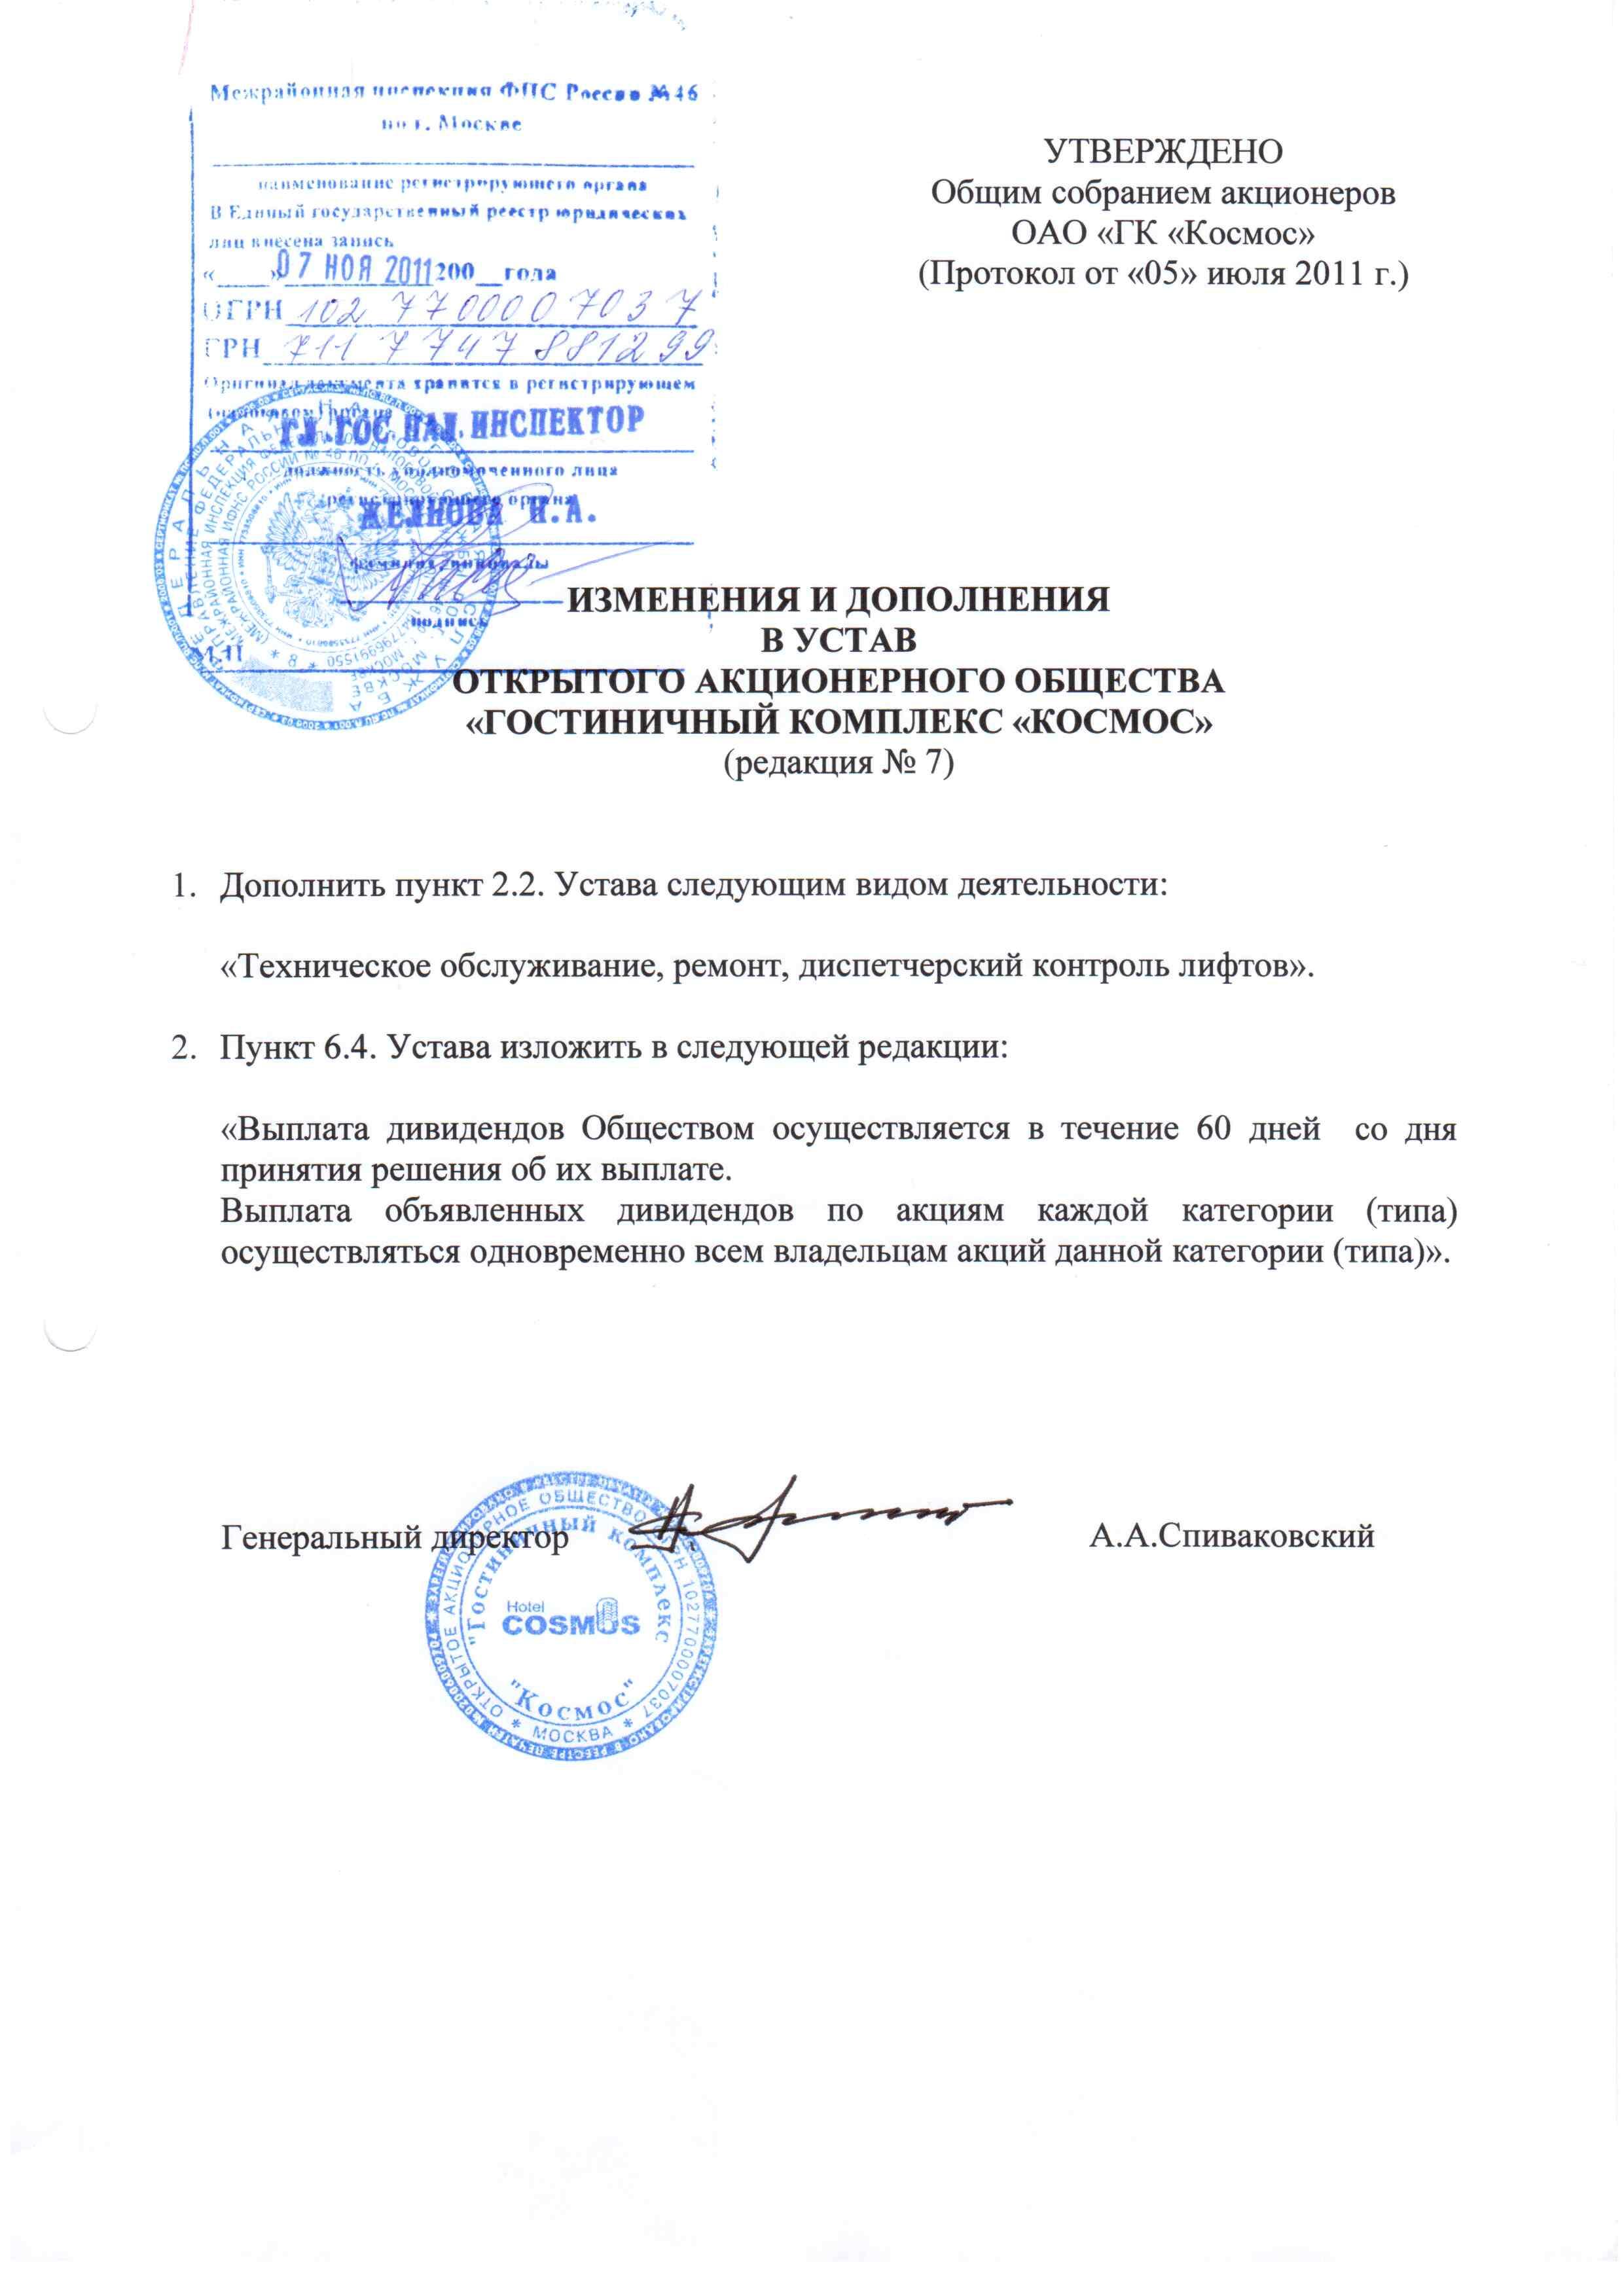 """Раскрытие информации. Гостиница """"Космос"""", Москва"""